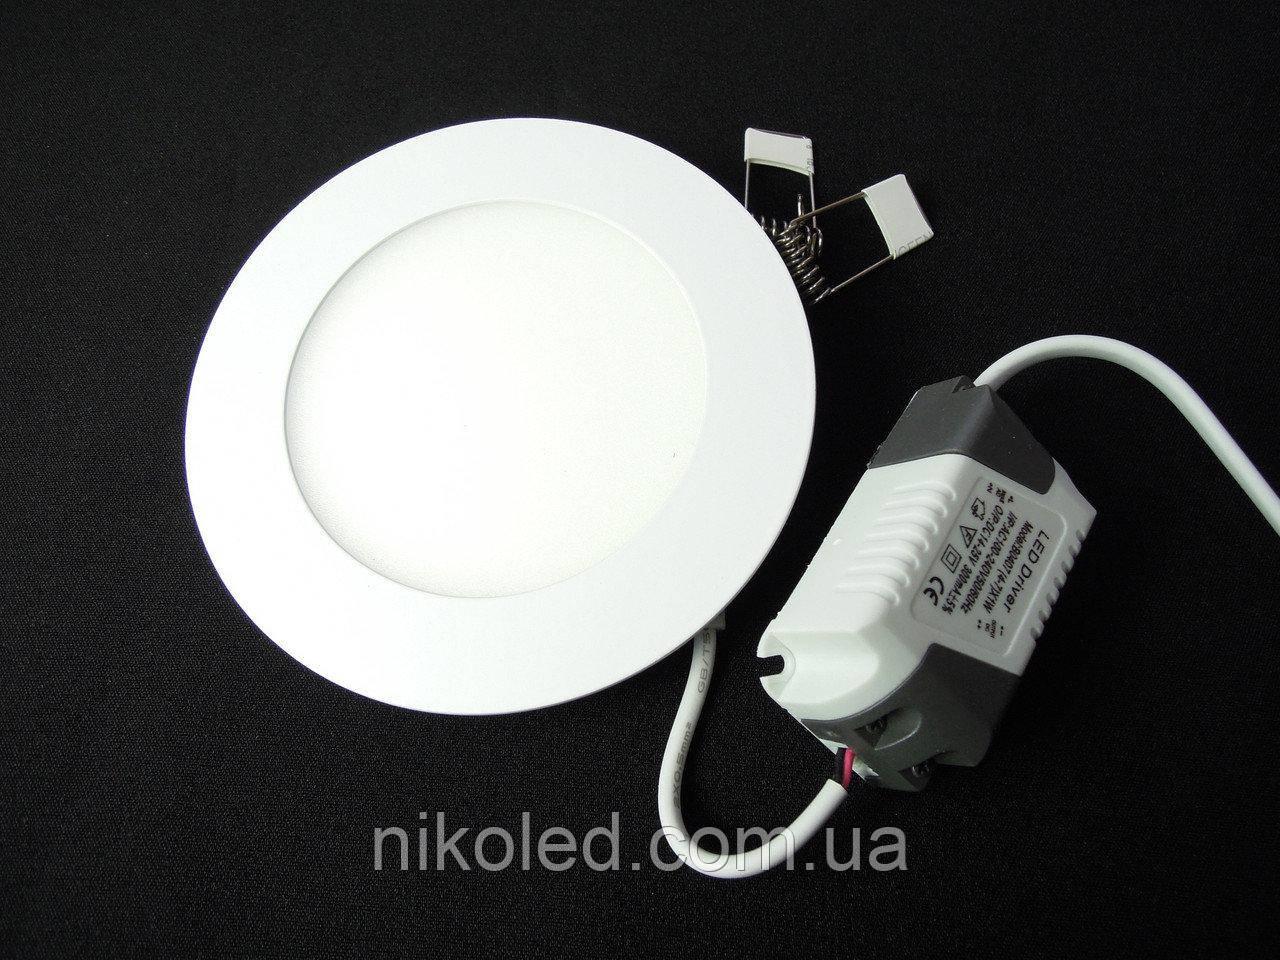 Светильник точечный Slim LED 6W круг  холодный белый